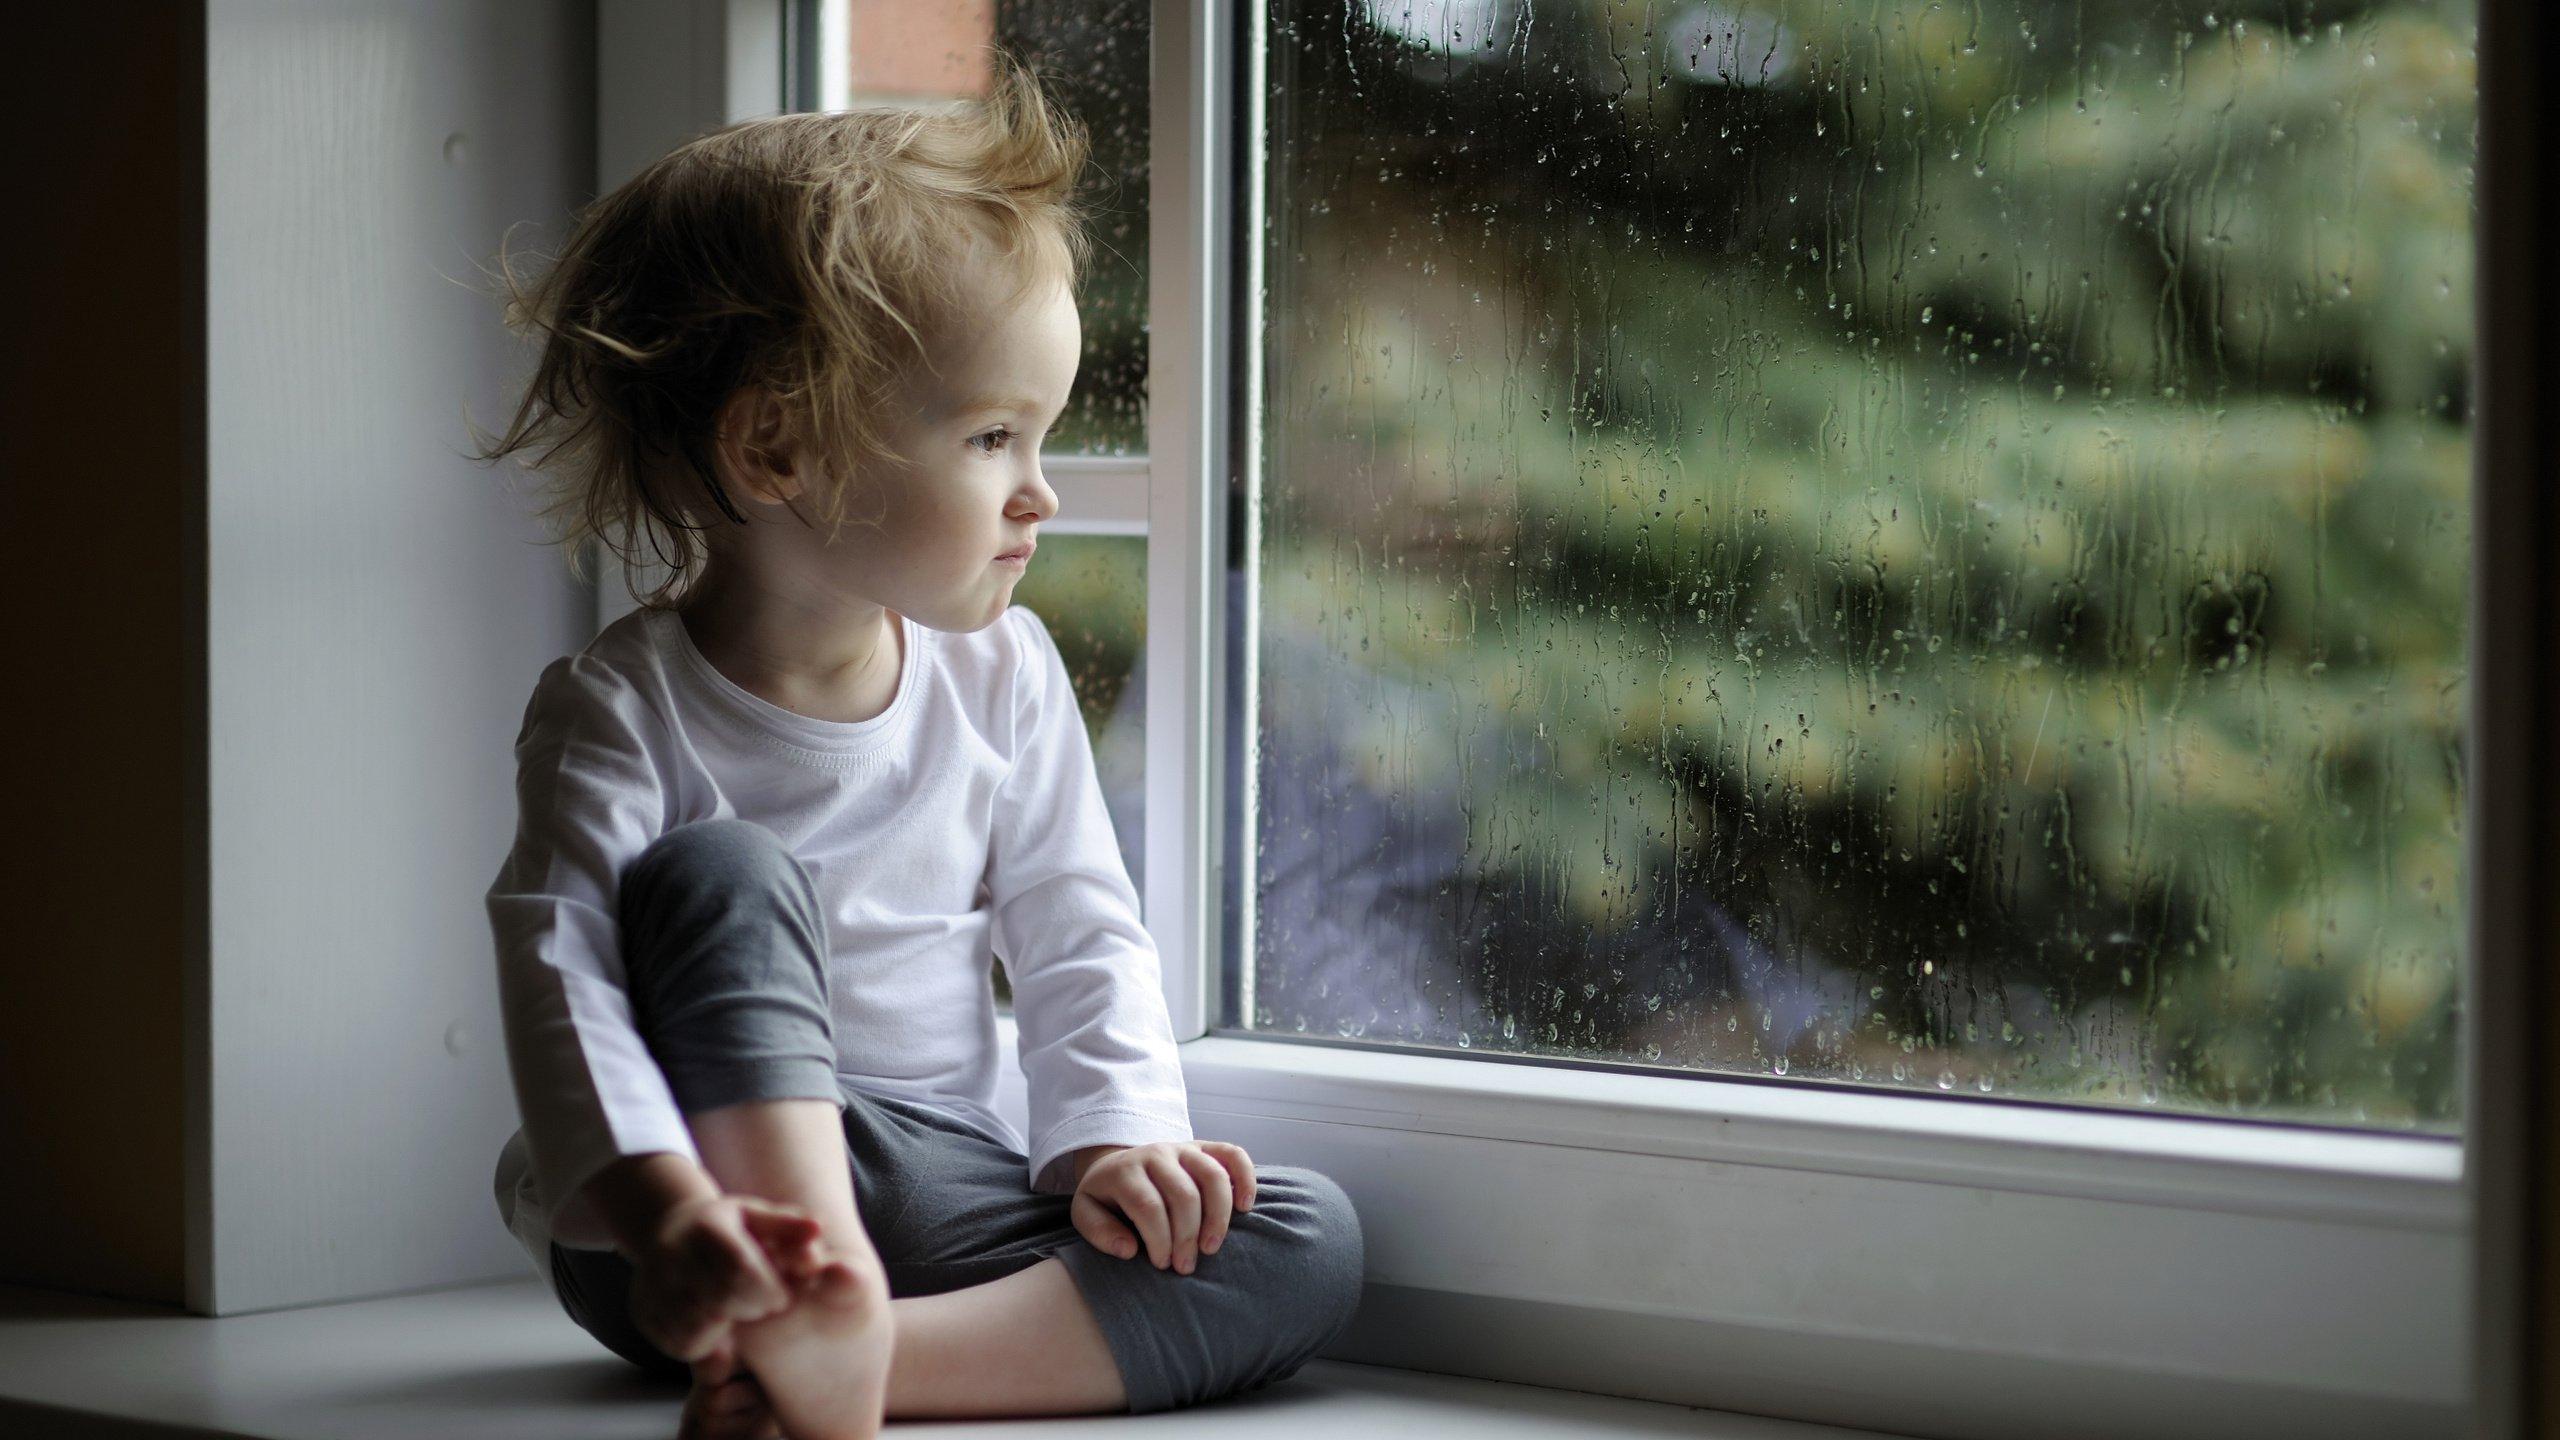 Чем опасны сквозняки в доме для детей?